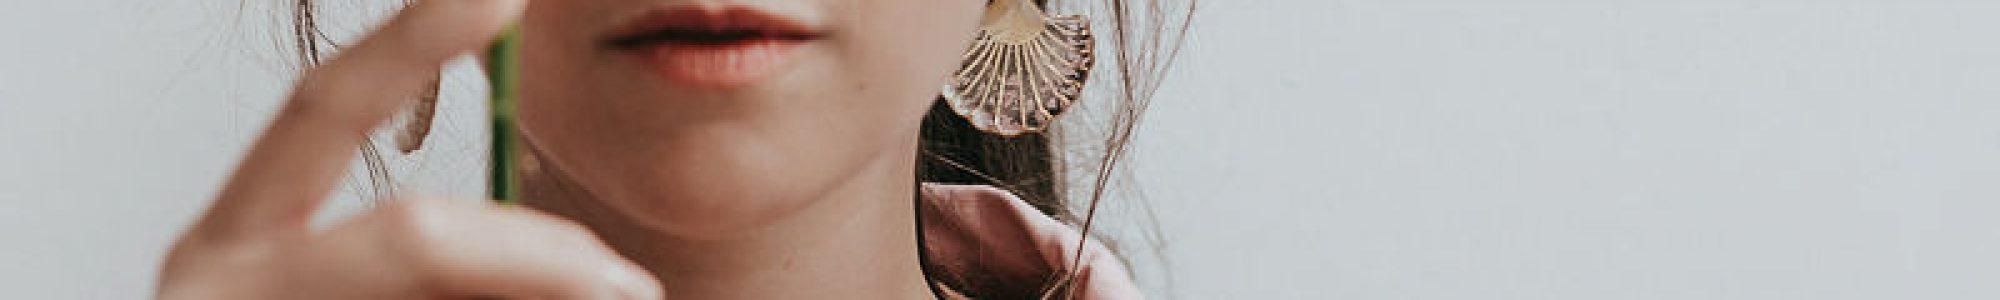 mariée femme boucle oreille bijouterie bijoux créateur lyon